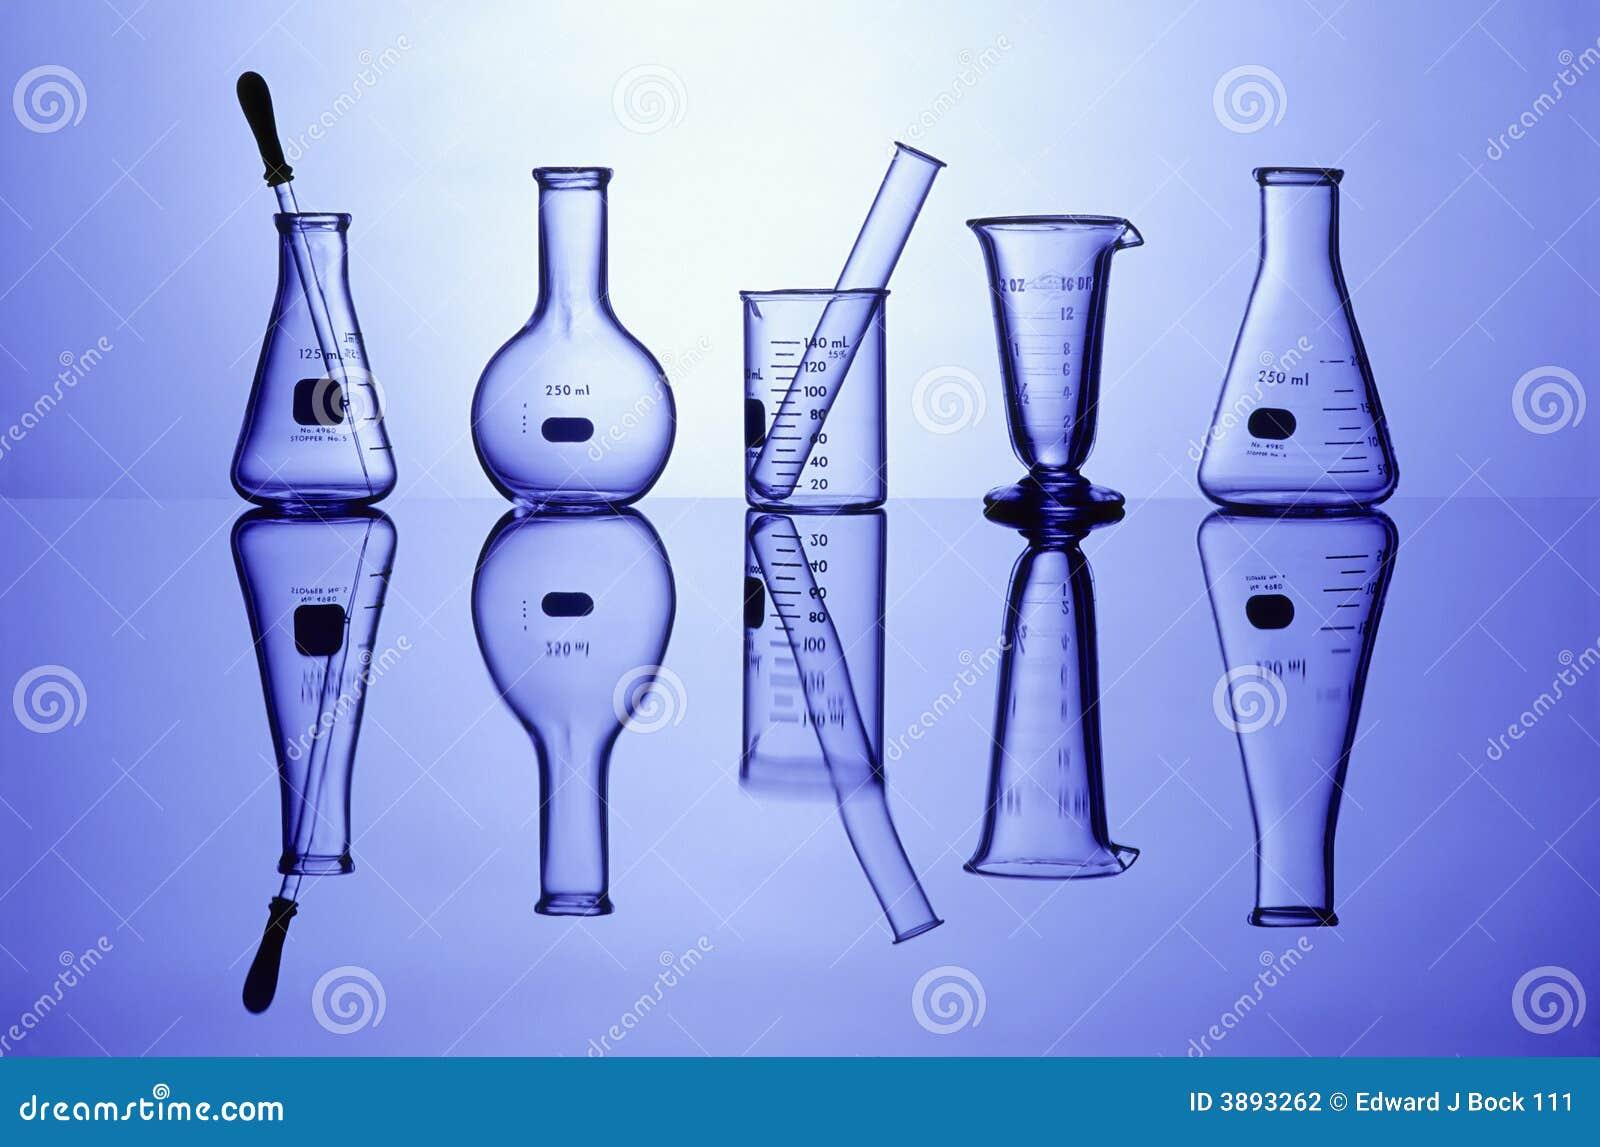 Laborglaswaren auf Blau